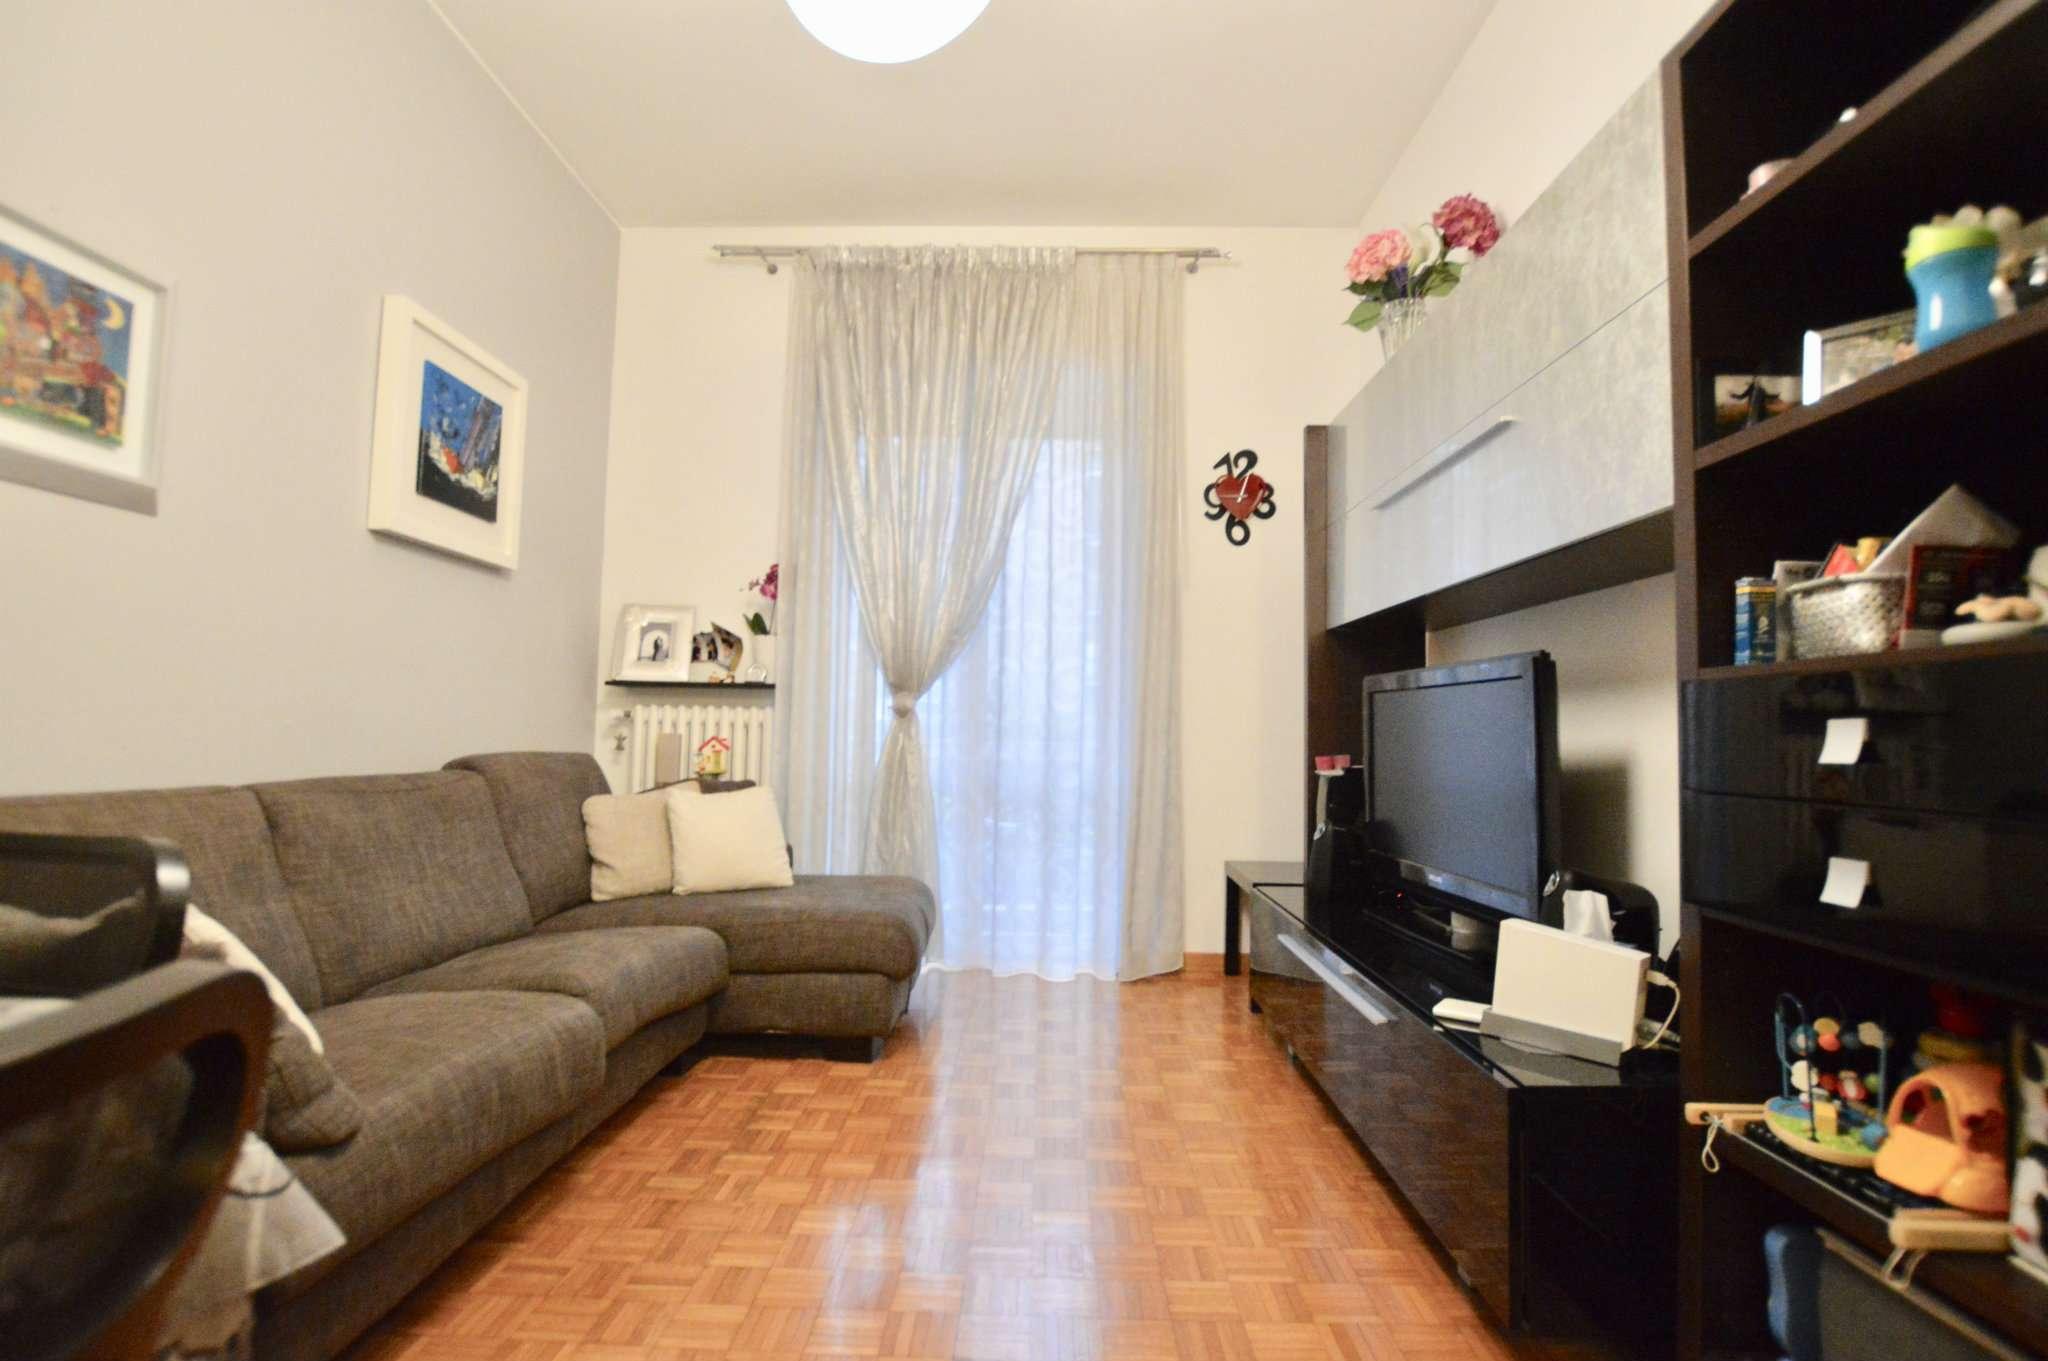 Appartamento in Vendita a Milano 17 Marghera / Wagner / Fiera: 3 locali, 85 mq